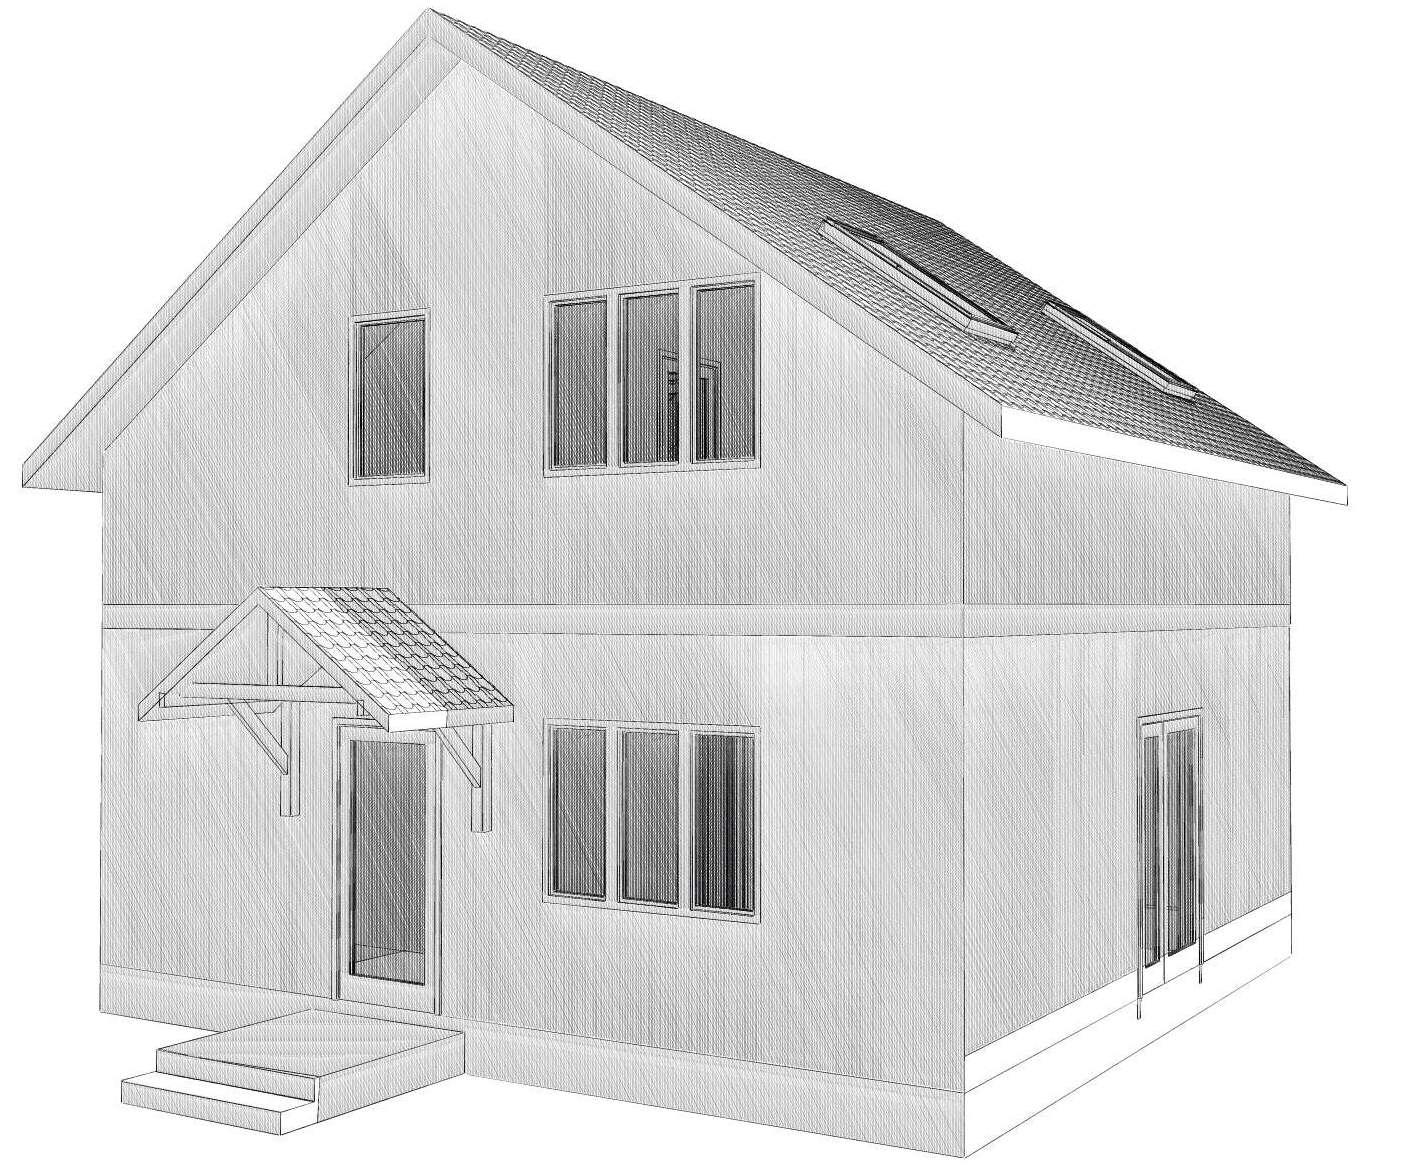 Фото одноэтажного небольшого домика из СИП-панелей по канадской технологии, 50 м2